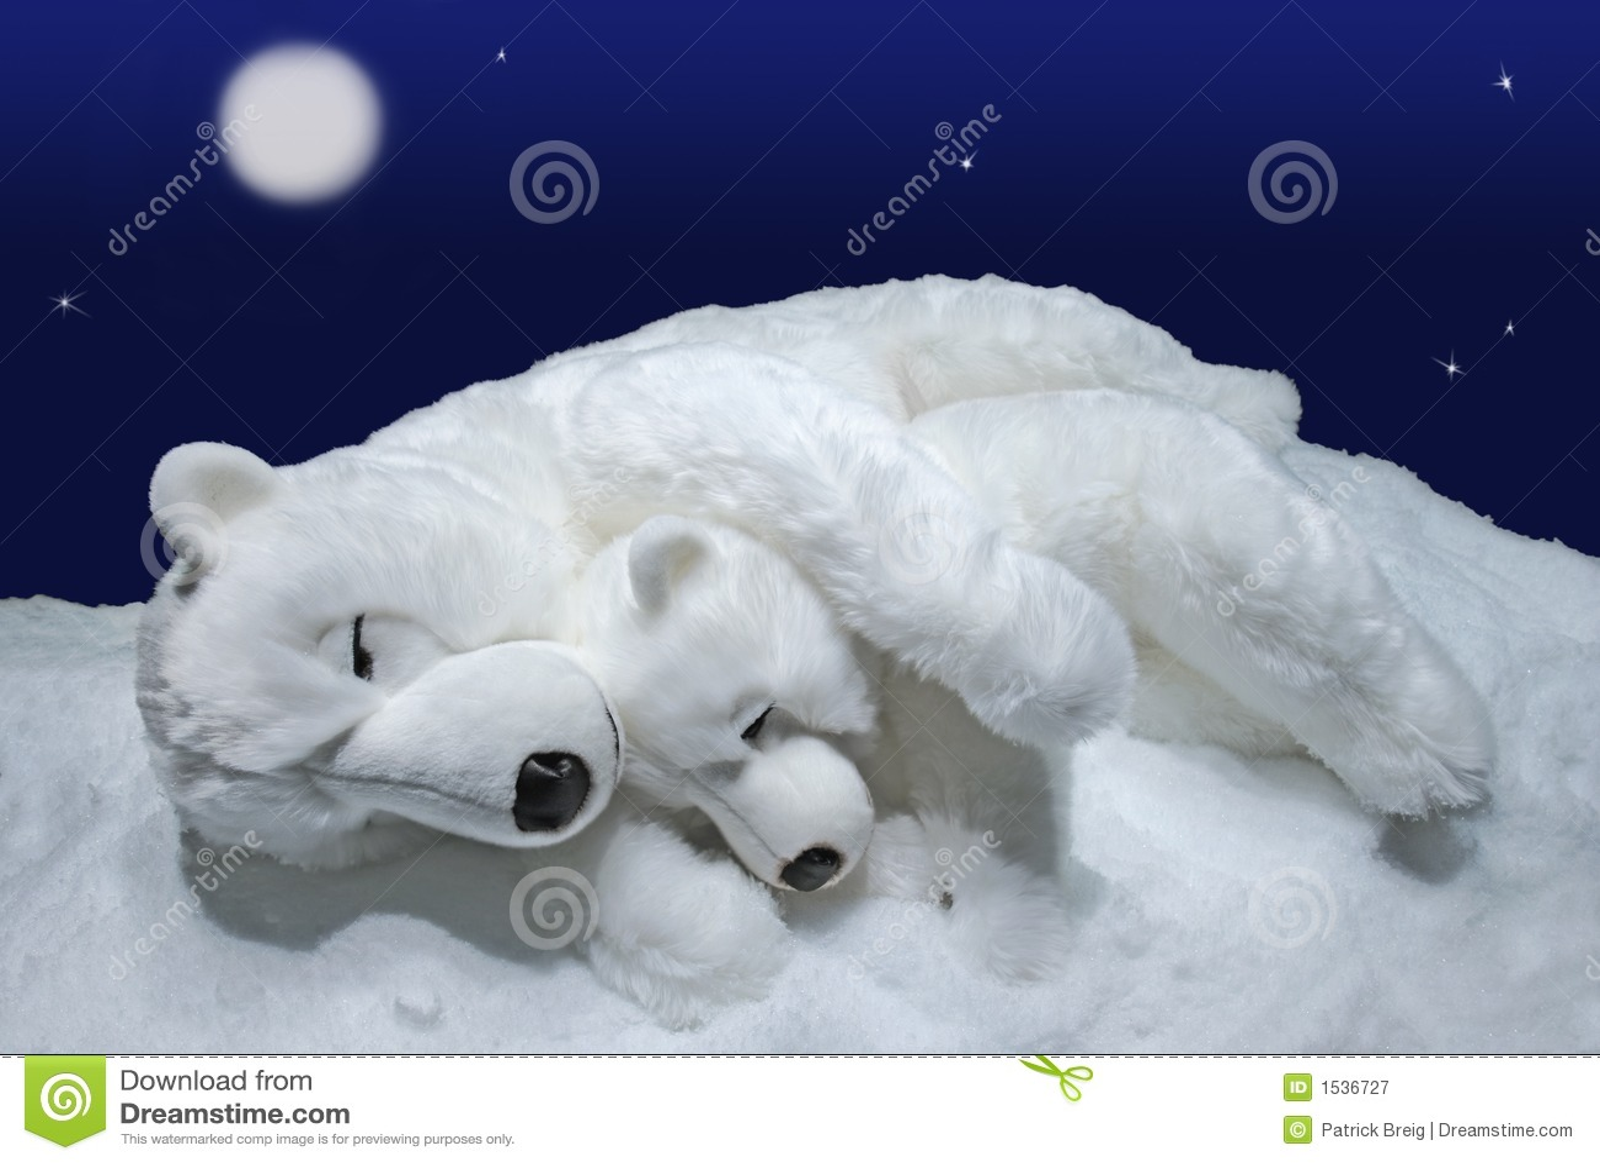 Gute Nacht stockbild Bild von teddy unschuldig nave